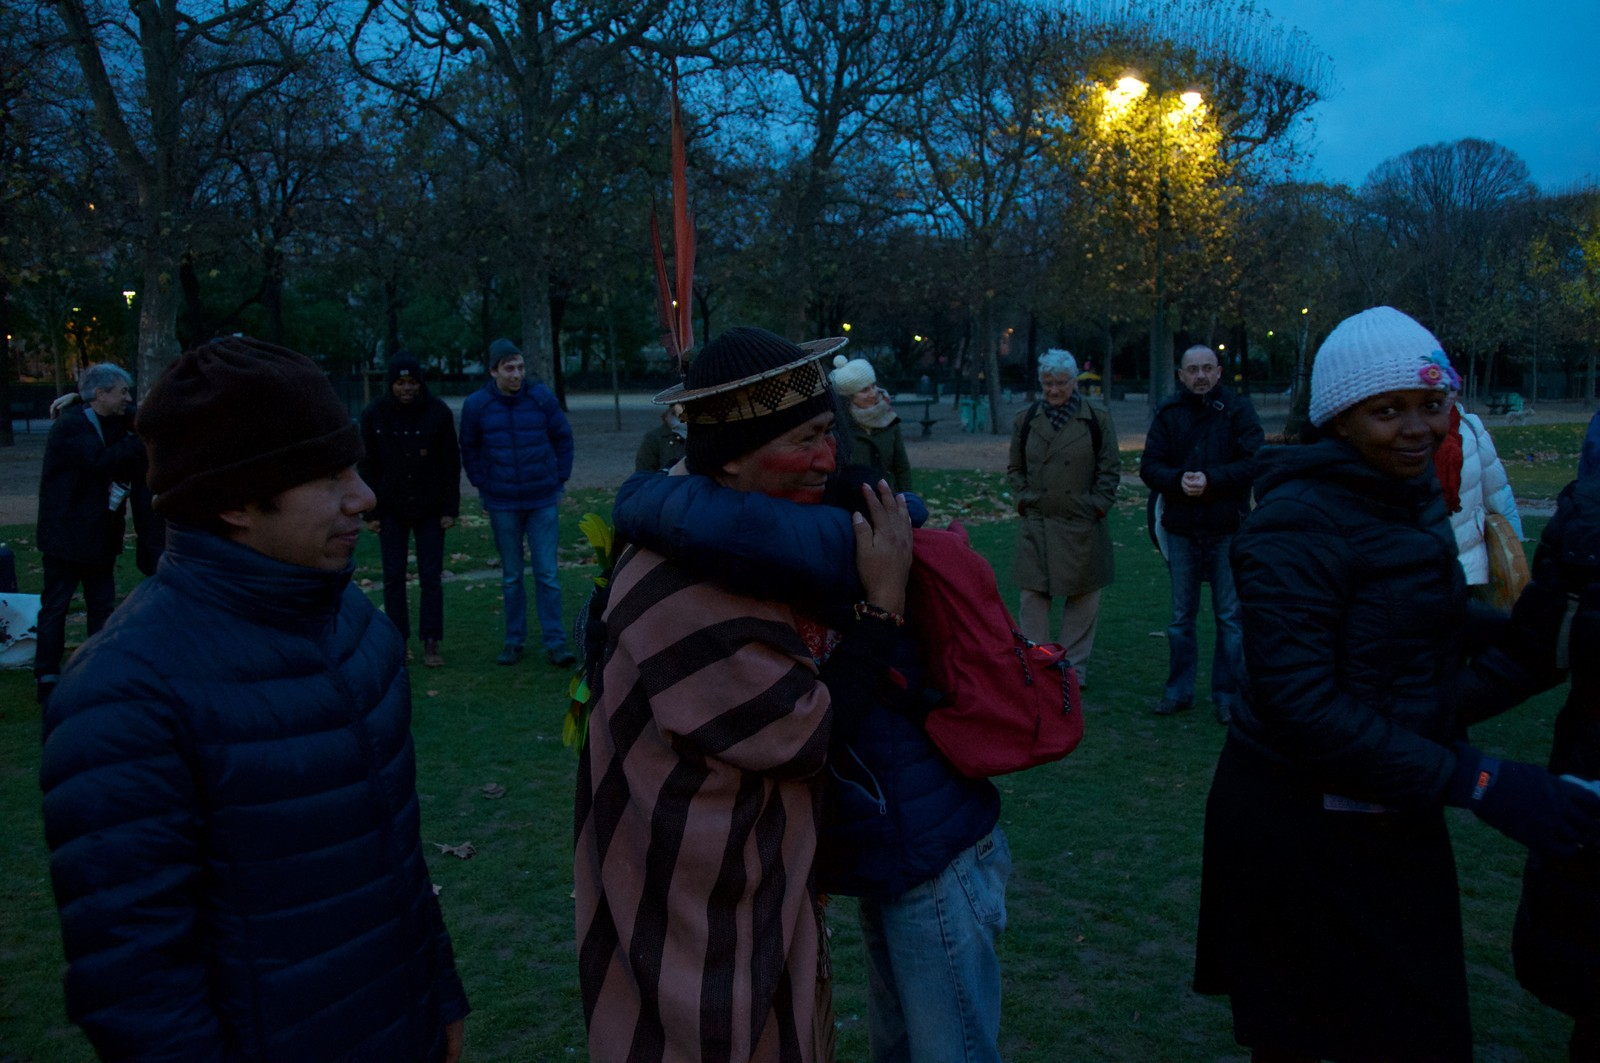 Venner skapes. Urfolk samlet seg til soloppgangsseremoni nedenfor Eiffel tårnet.